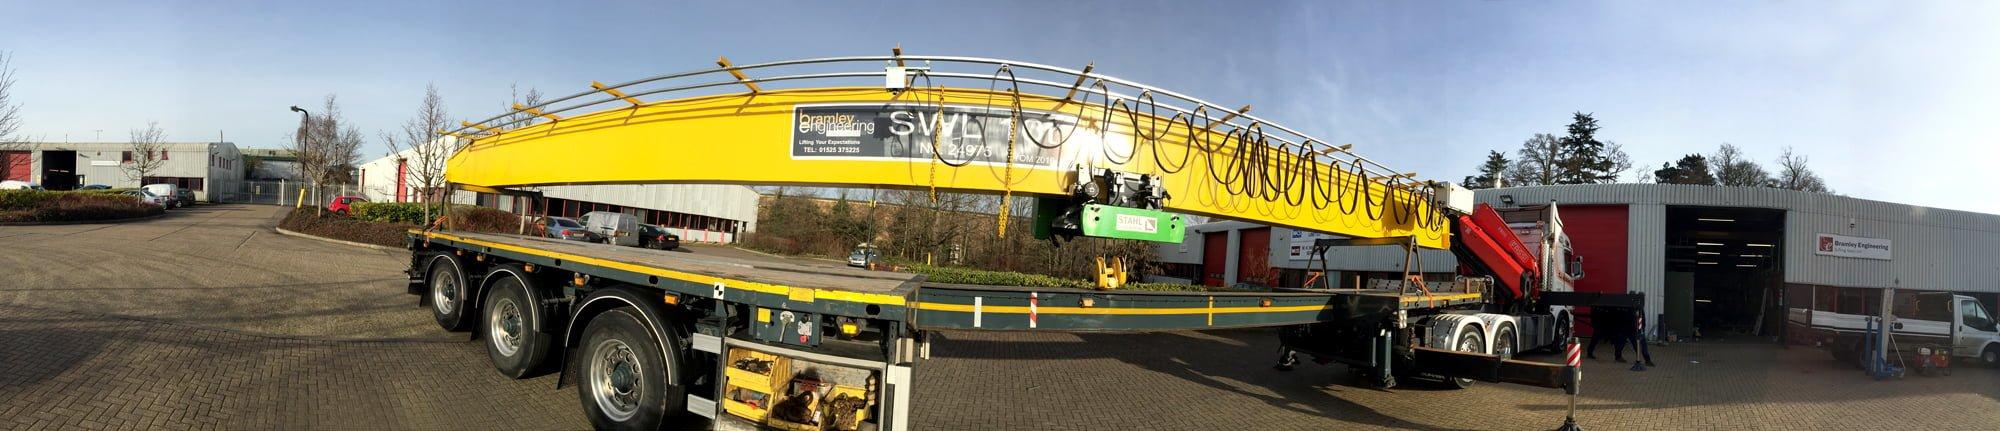 Stratford Car Park Barrier